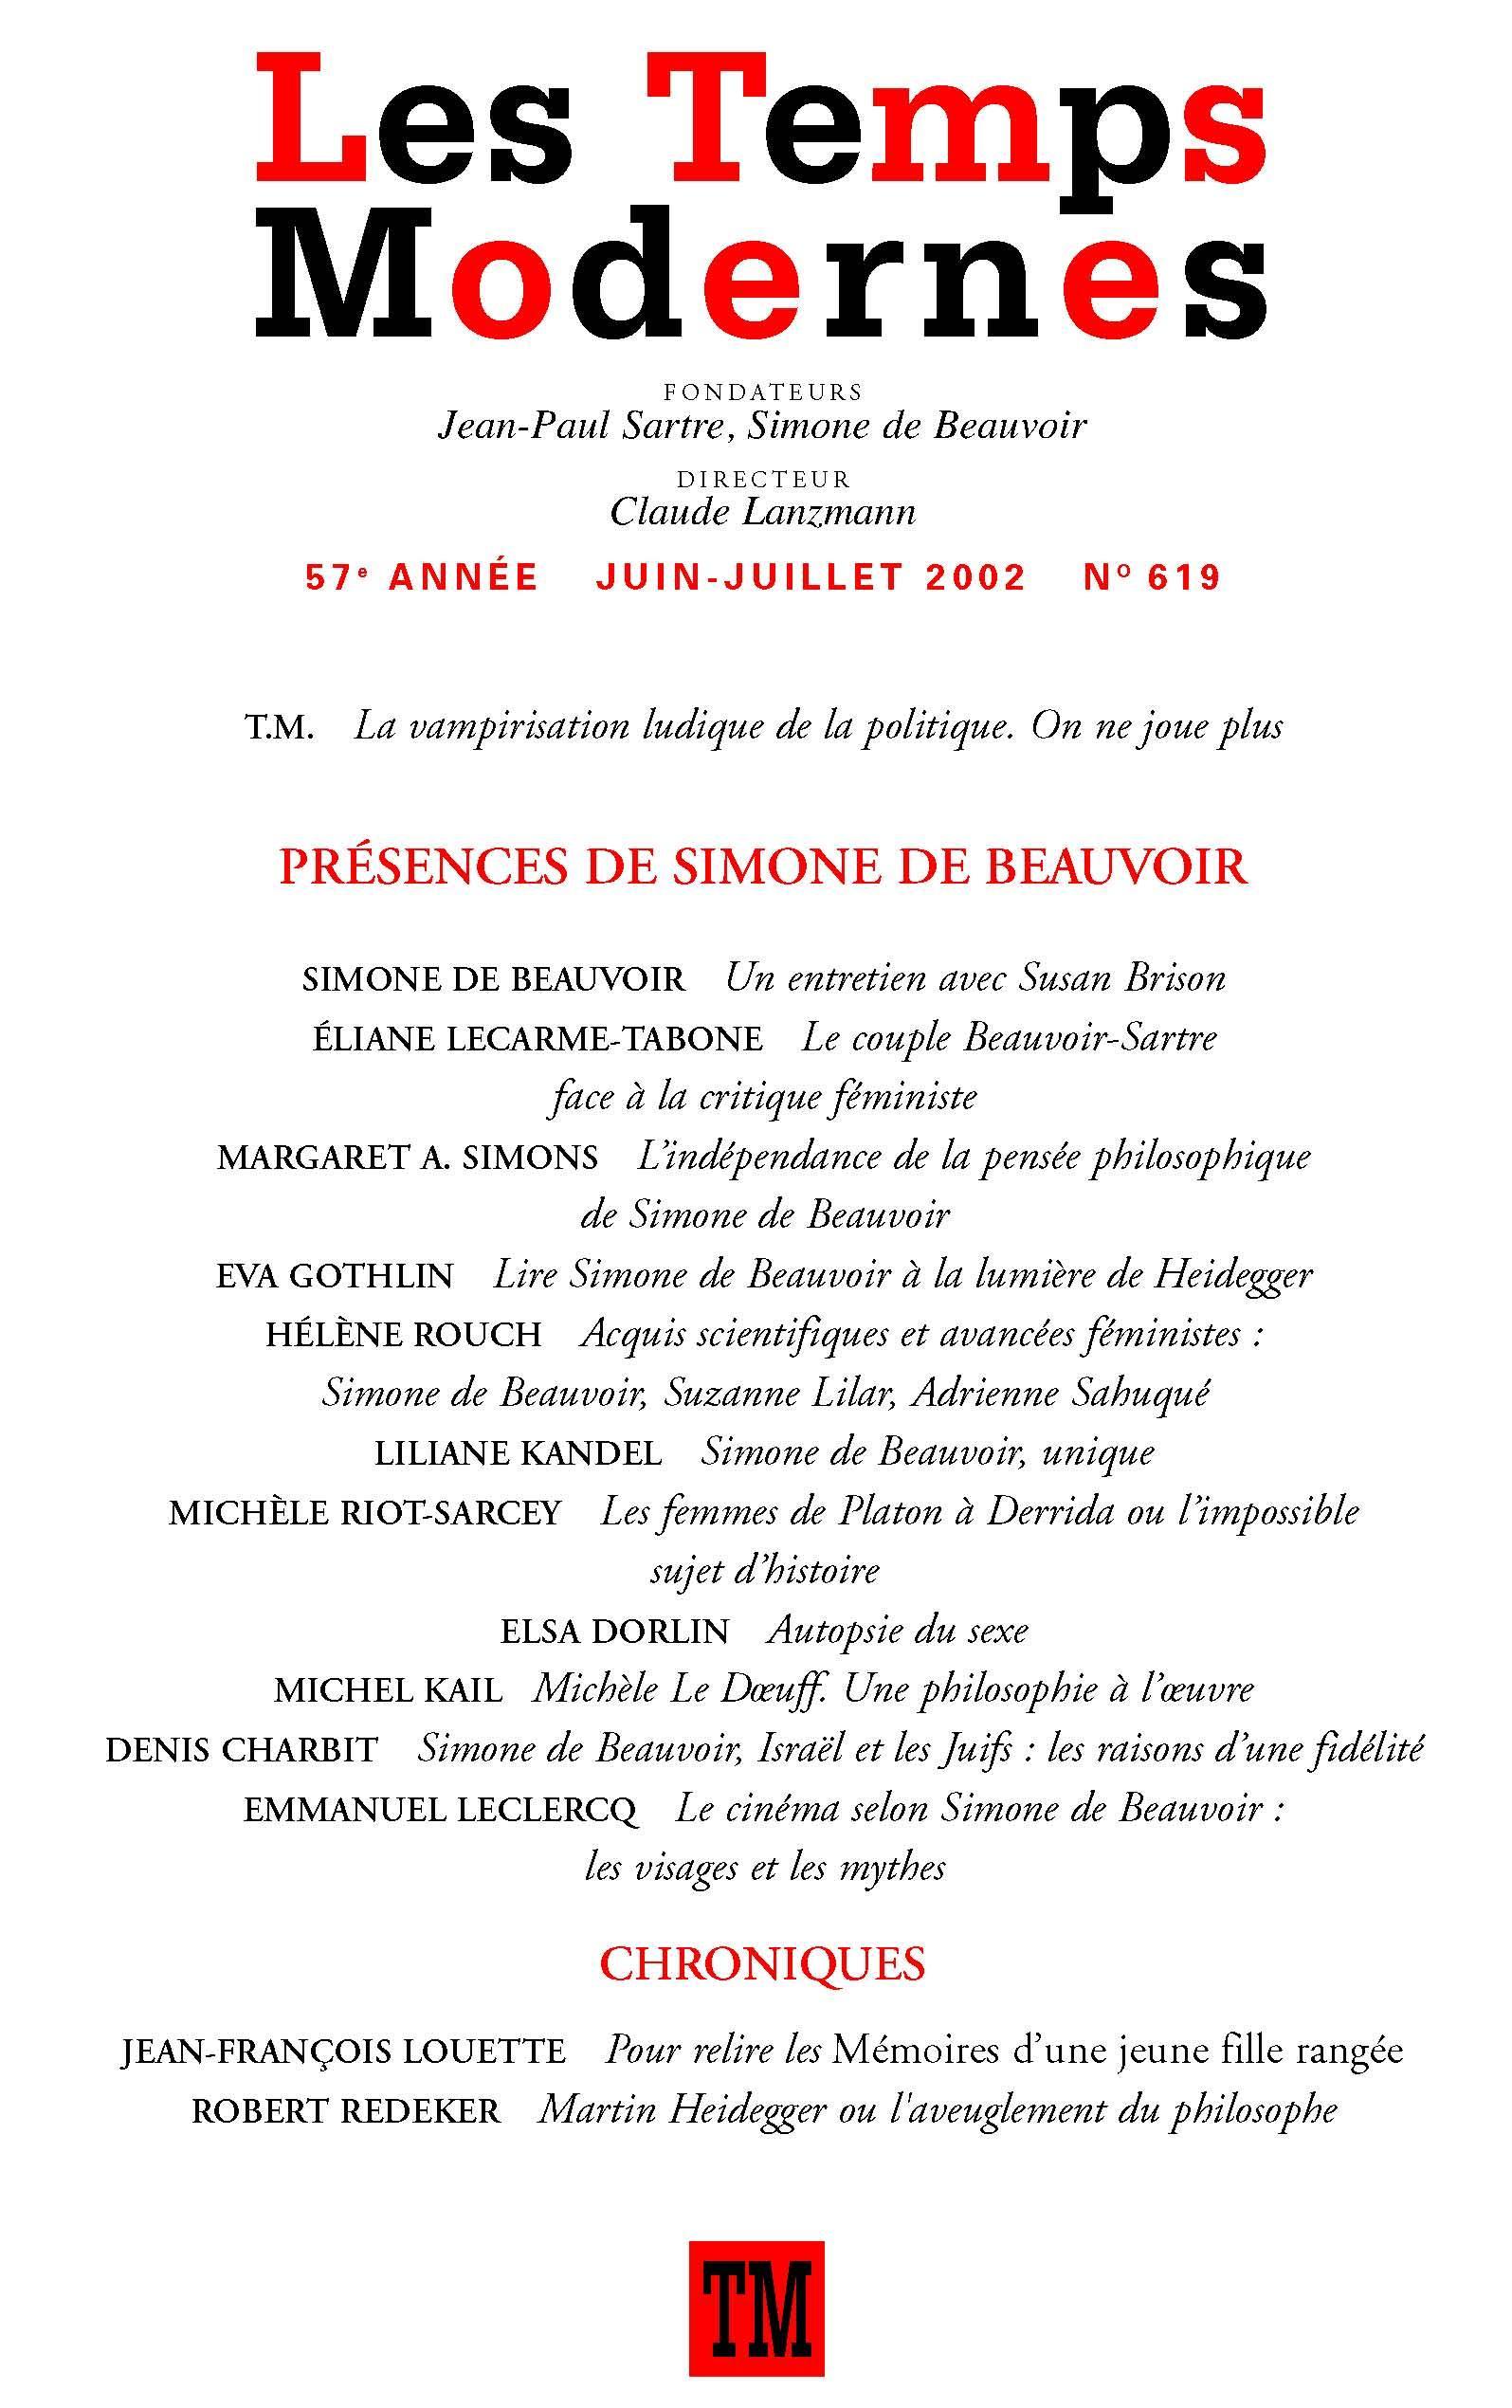 Simone BeauvoirLes Visages Mythes Et De Cinéma Selon Le K1cFTl3J